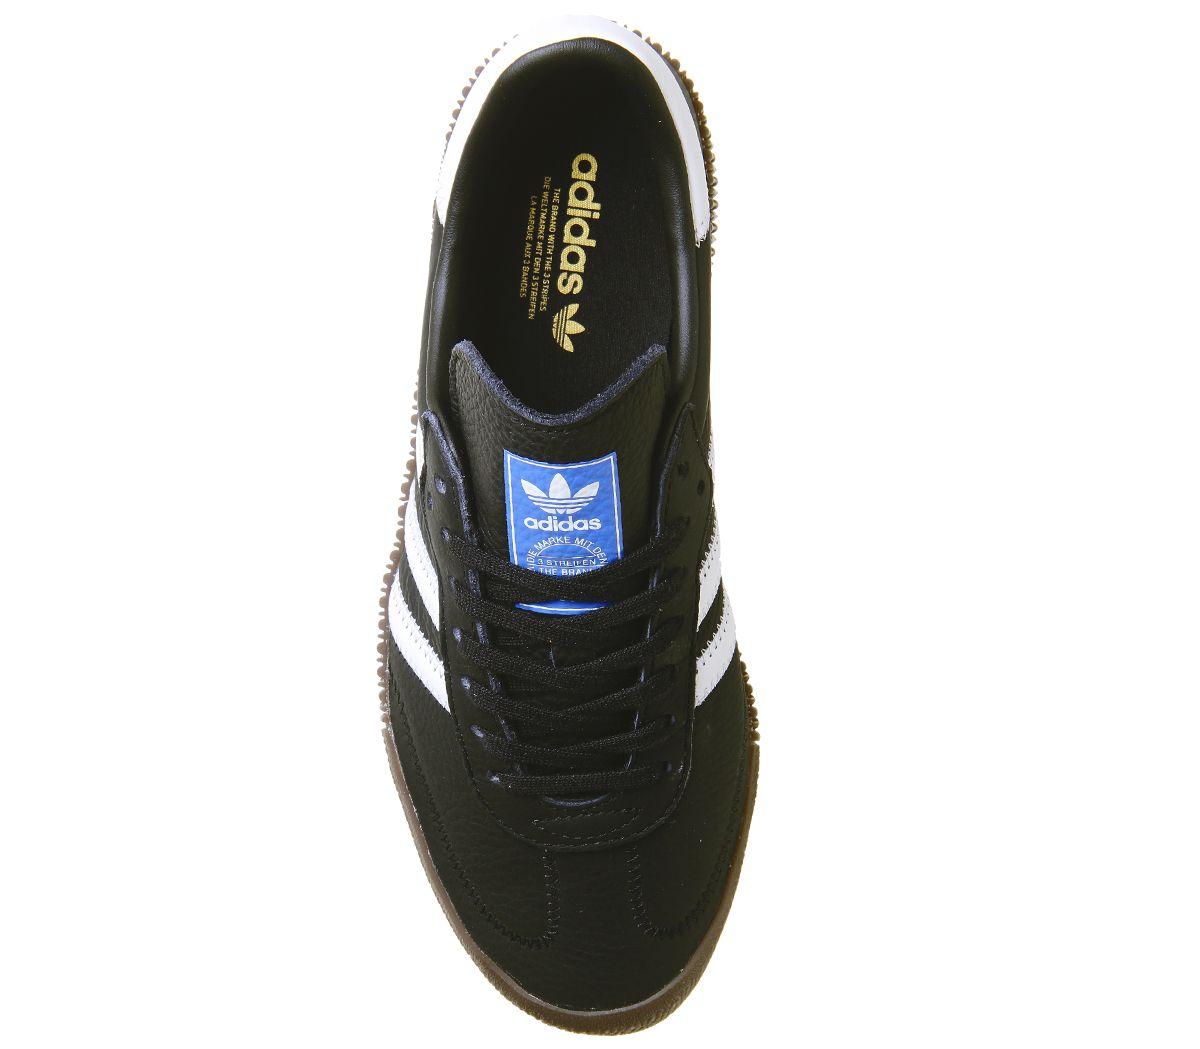 official photos 7e409 b6588 Da-Donna-Adidas-Samba-Rose-Scarpe-da-ginnastica-